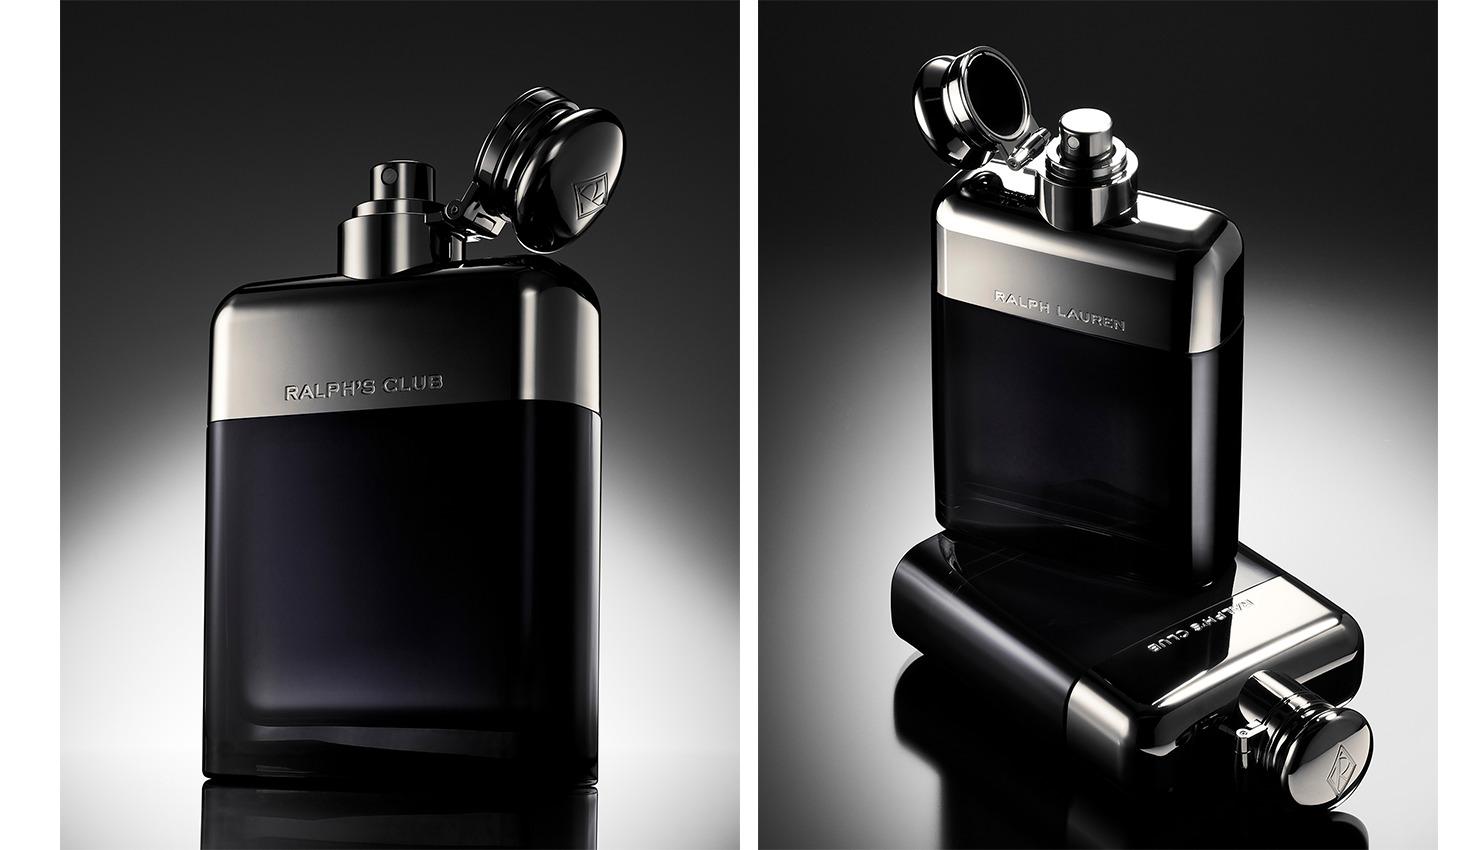 ralphs-perfume-fragancias-otoño-magazinehorse